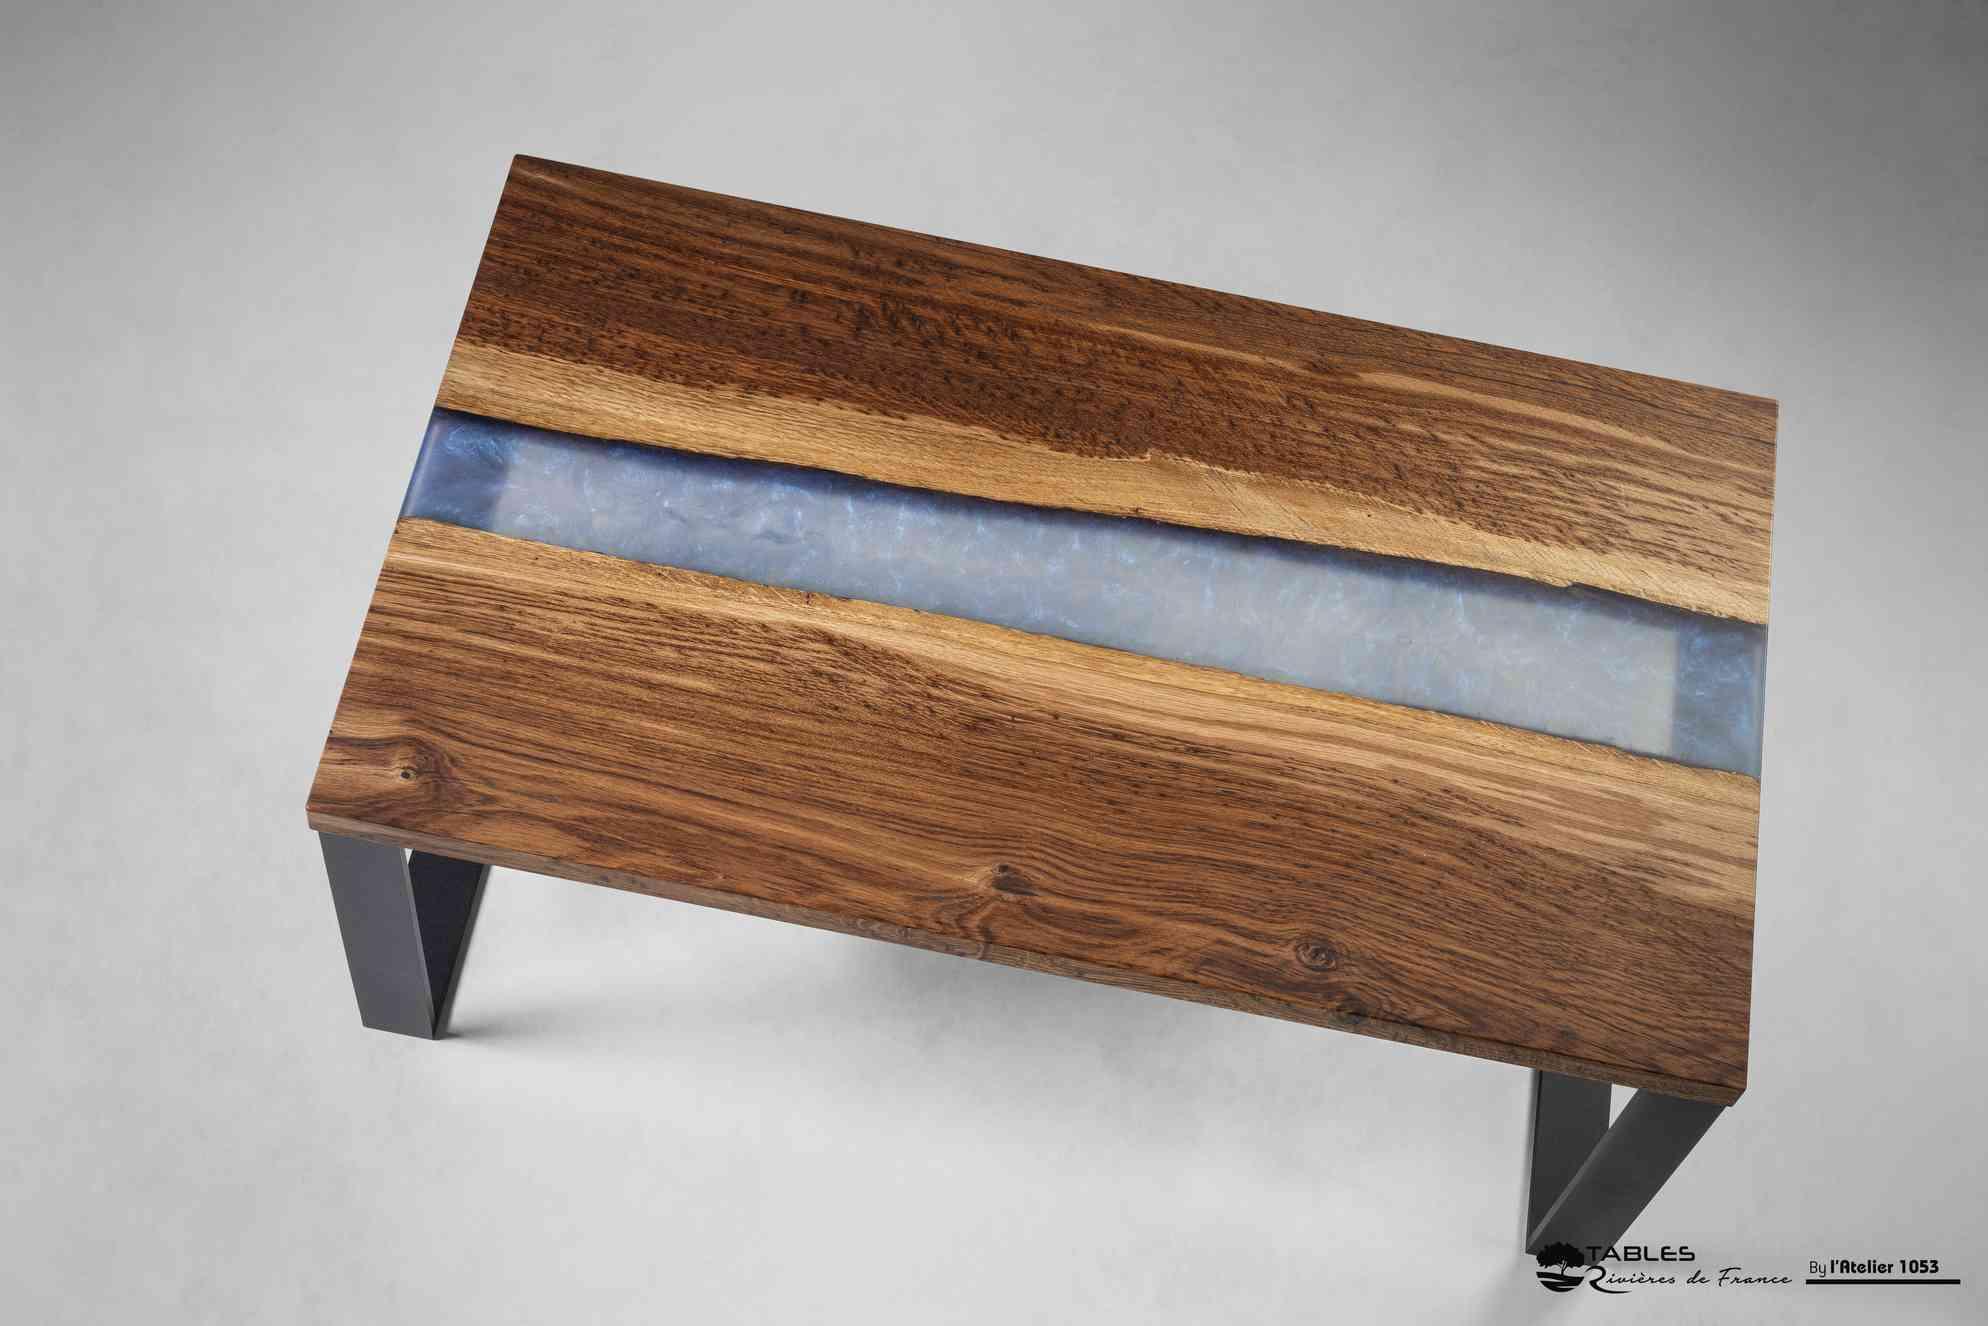 plateau table basse chene rouge resine epoxy